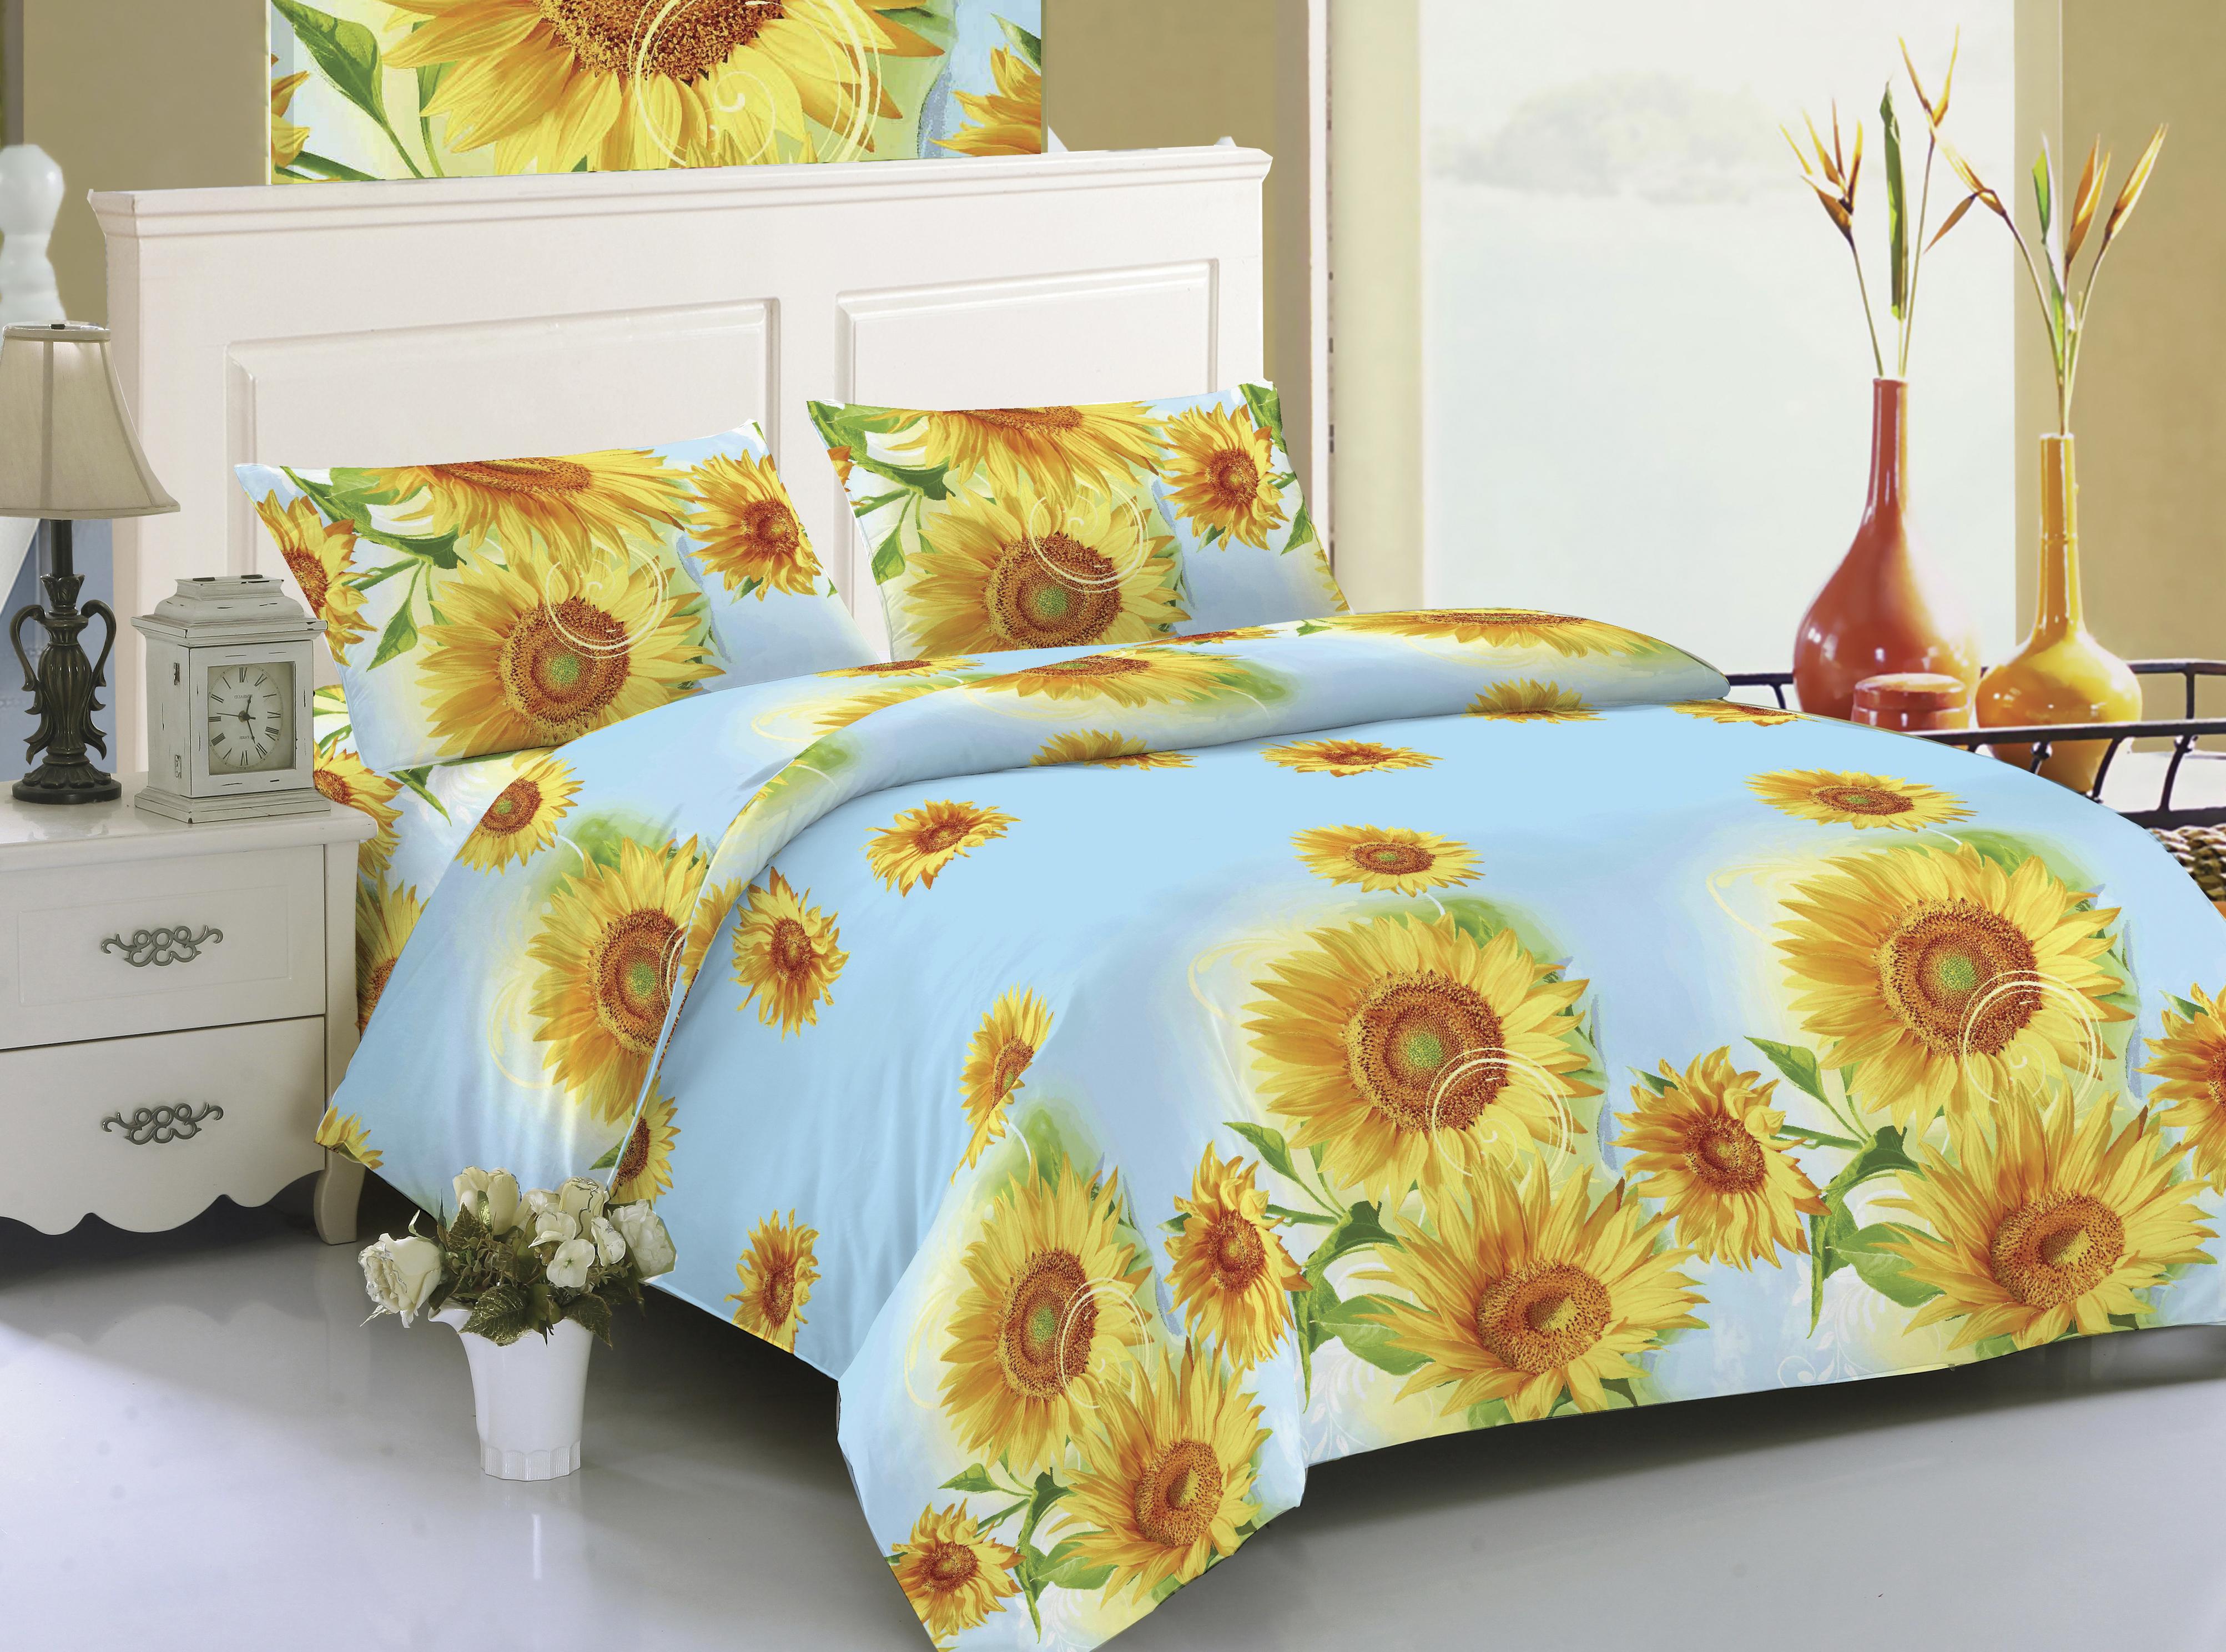 Купить Комплекты постельного белья Amore Mio, Постельное белье Maya (2 спал.), Китай, Голубой, Желтый, Синтетический сатин